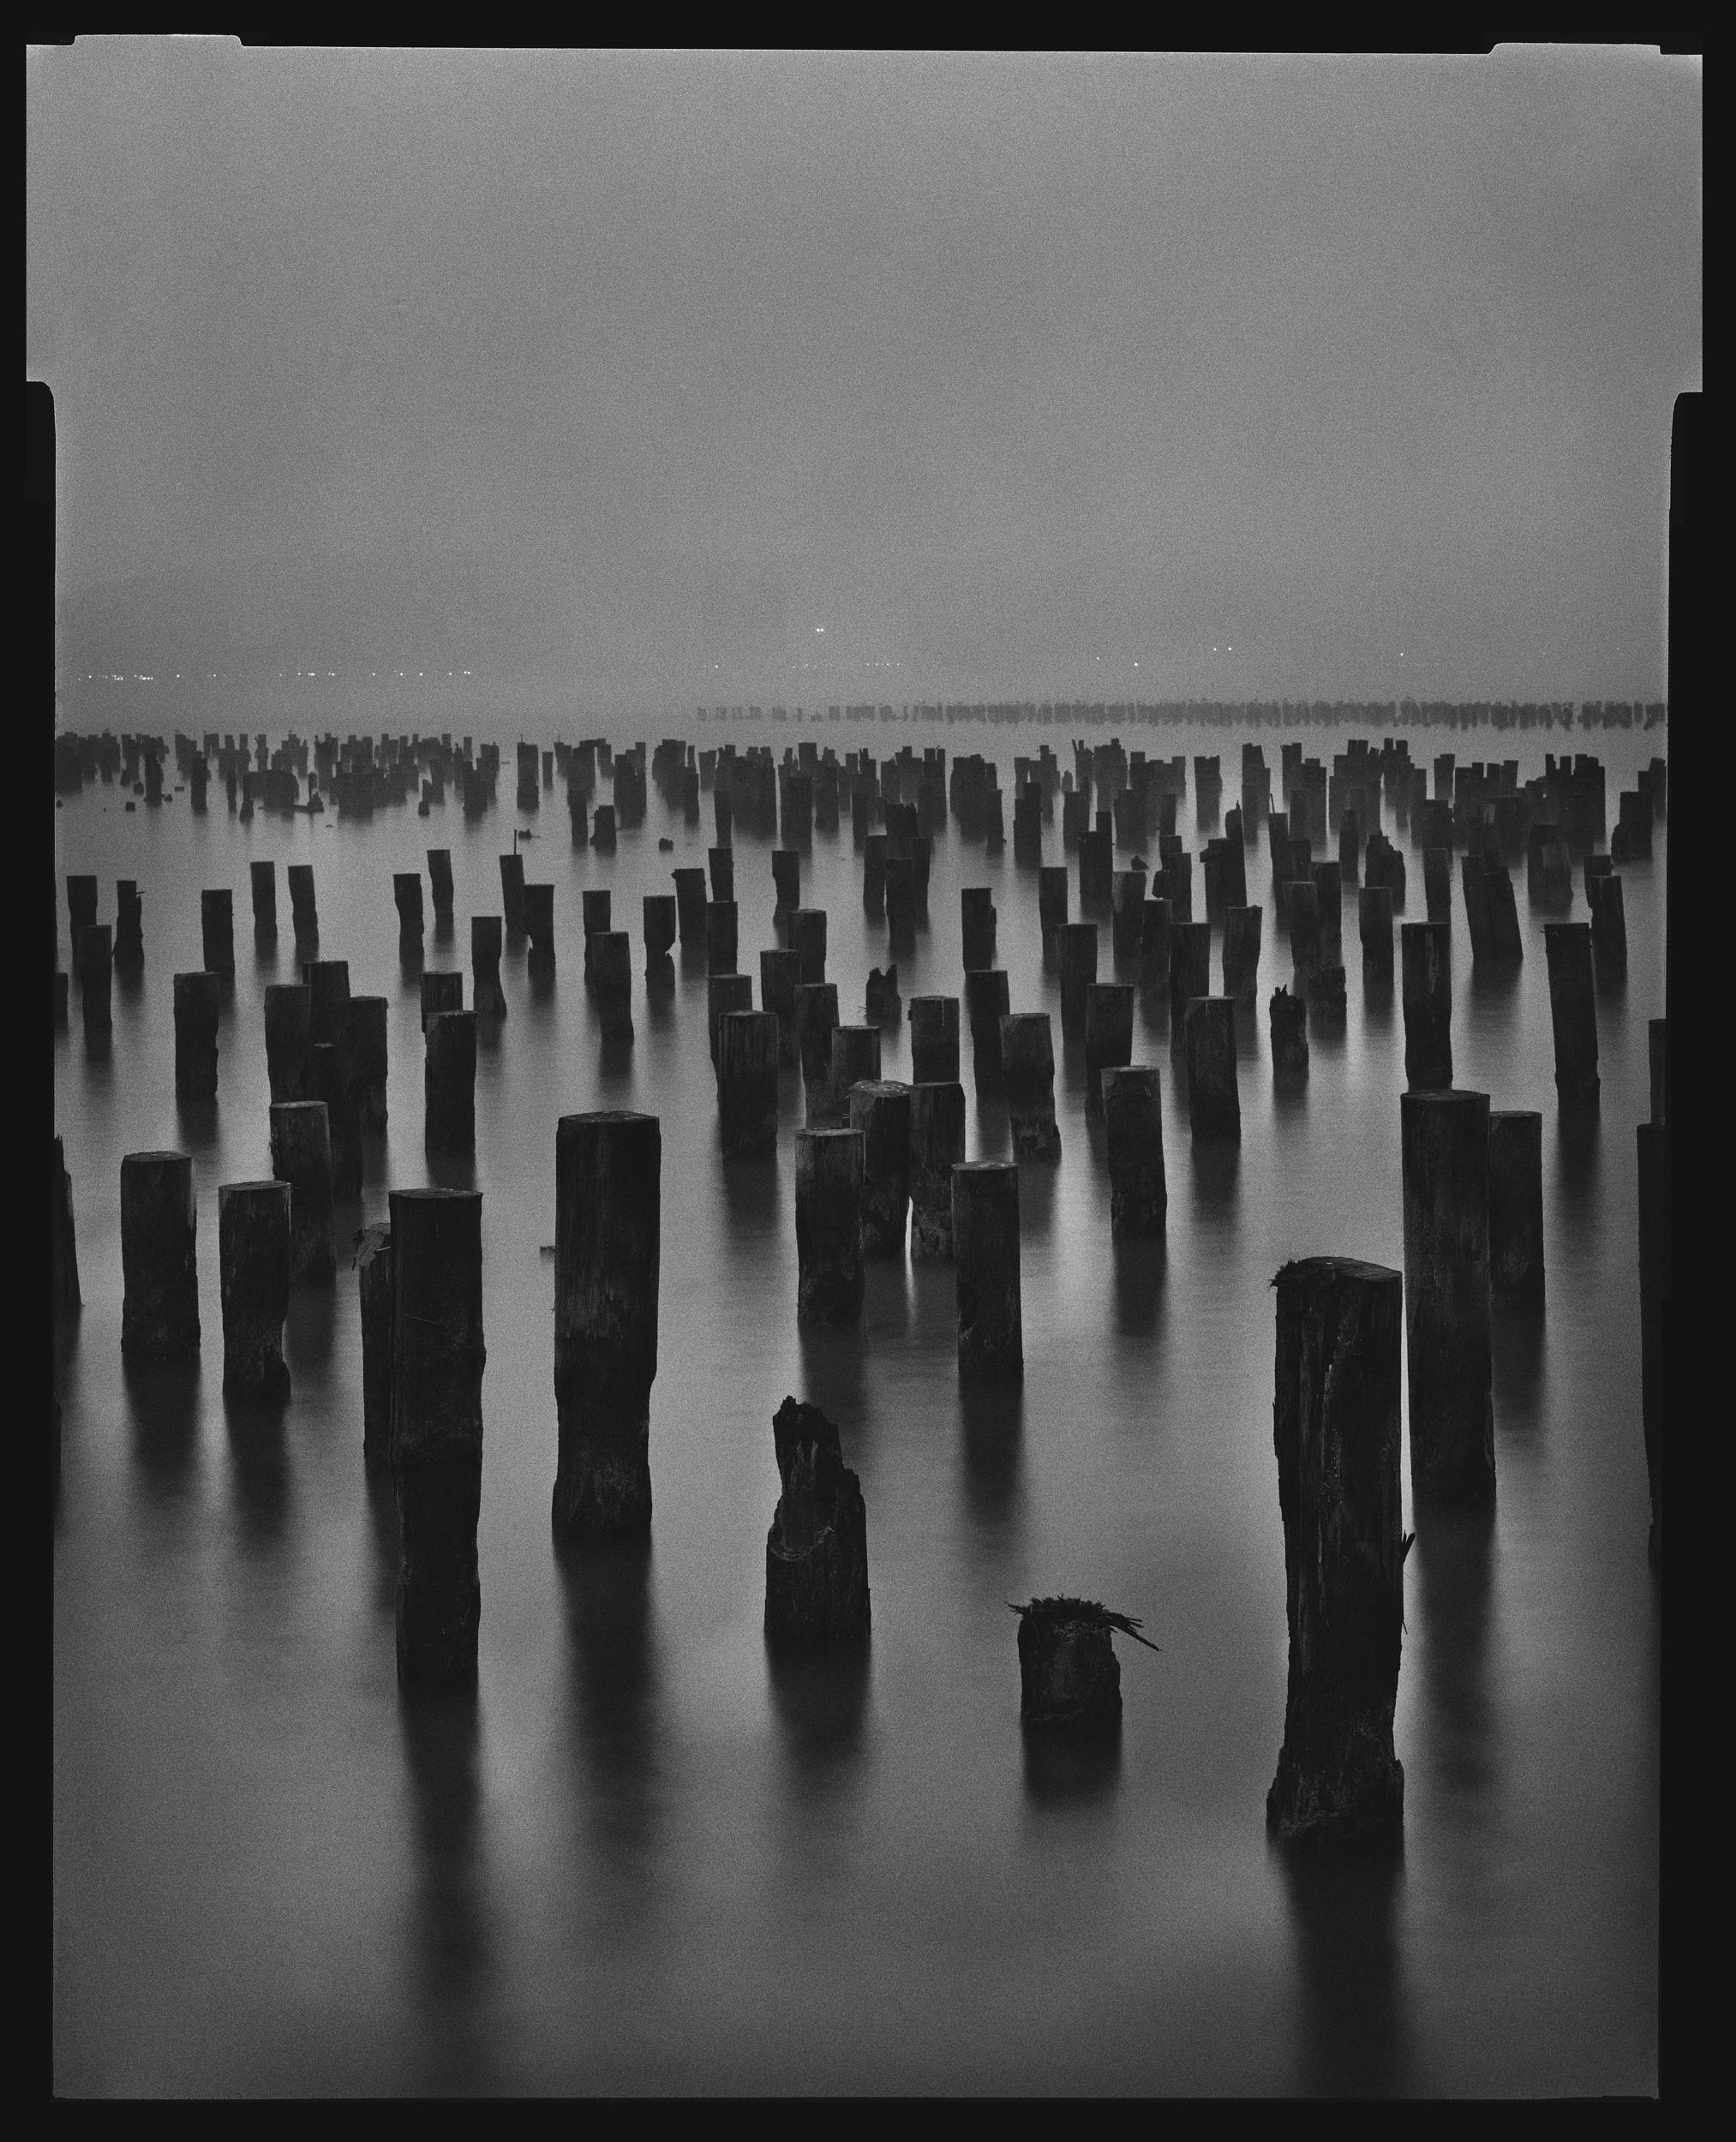 Piers, New York, NY, 2007